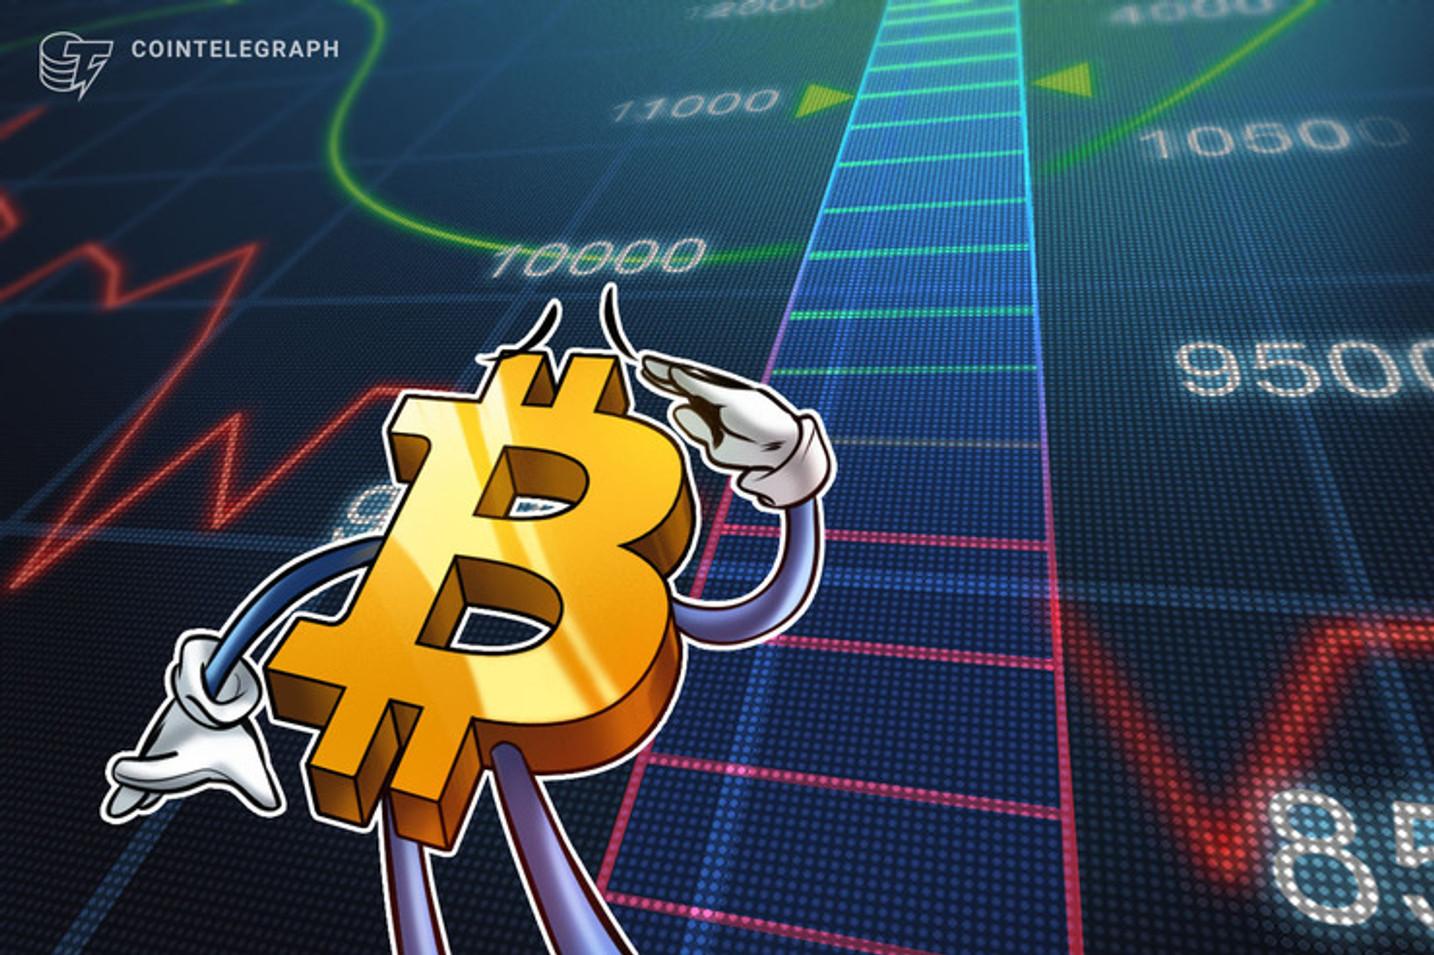 'Precio de Bitcoin alcanzará los $15,000', dice el CEO de un fondo de inversión de $150 trillones